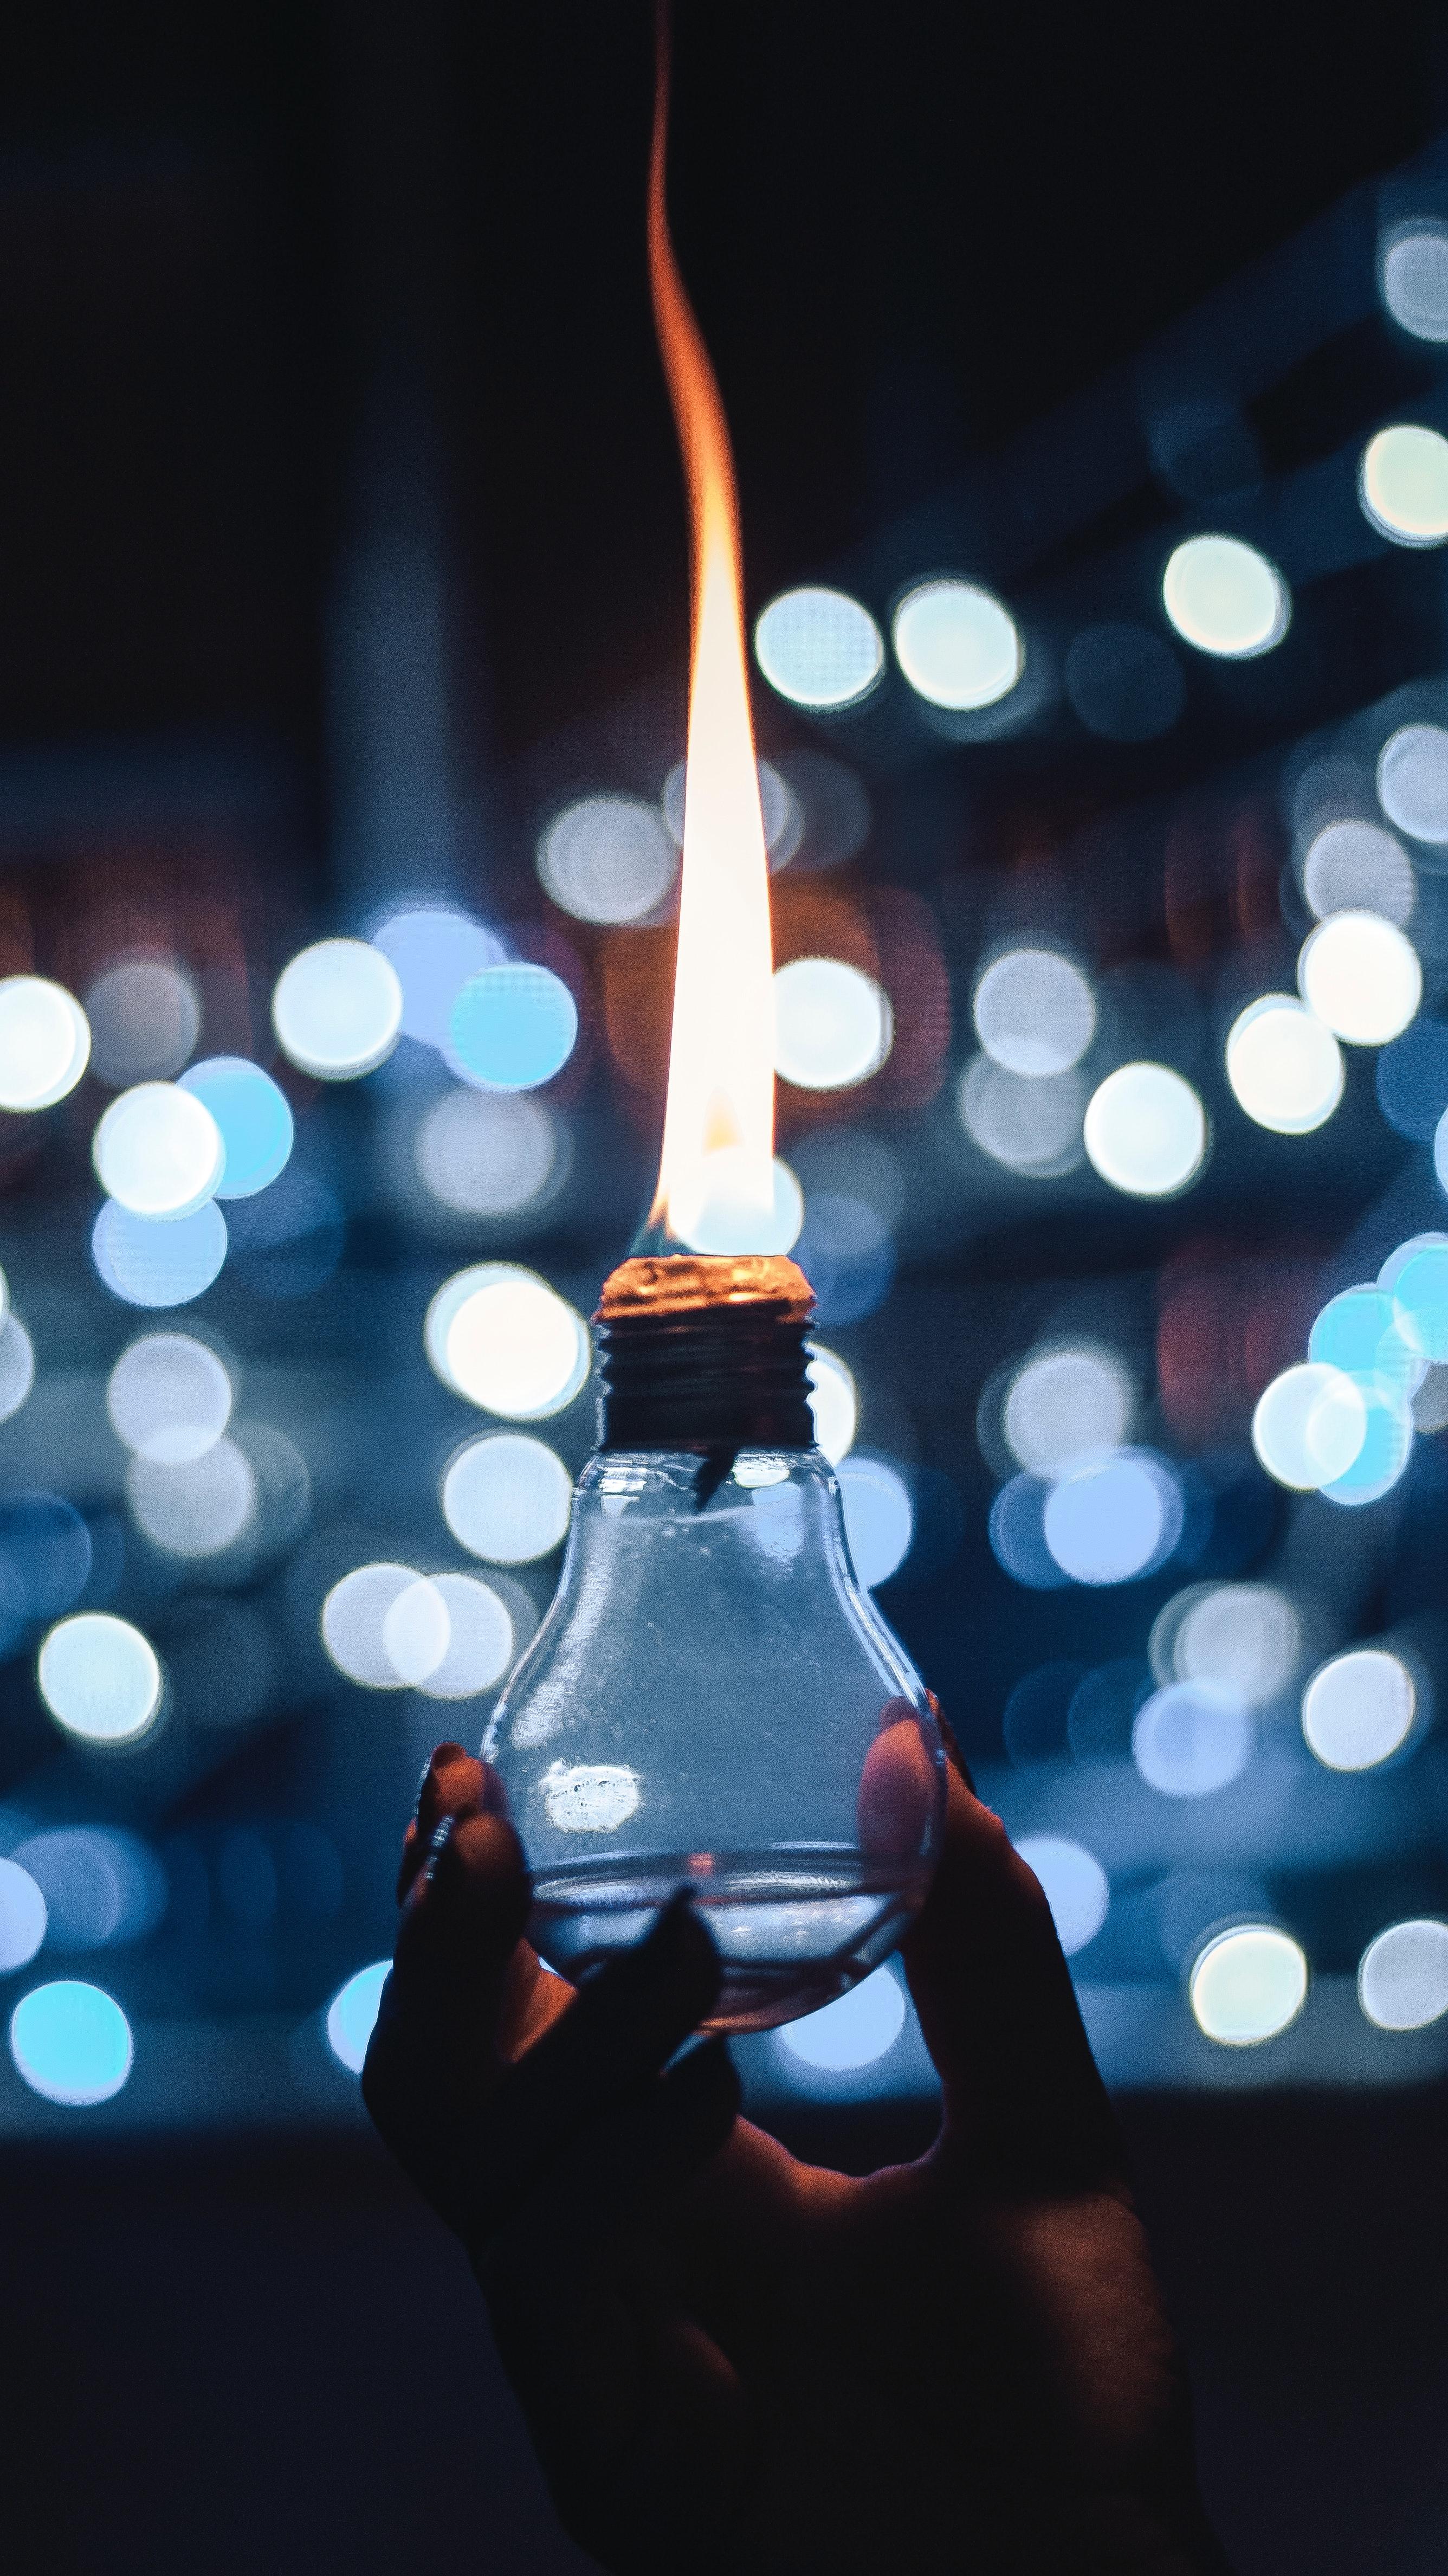 Background ngọn lửa đẹp nhất